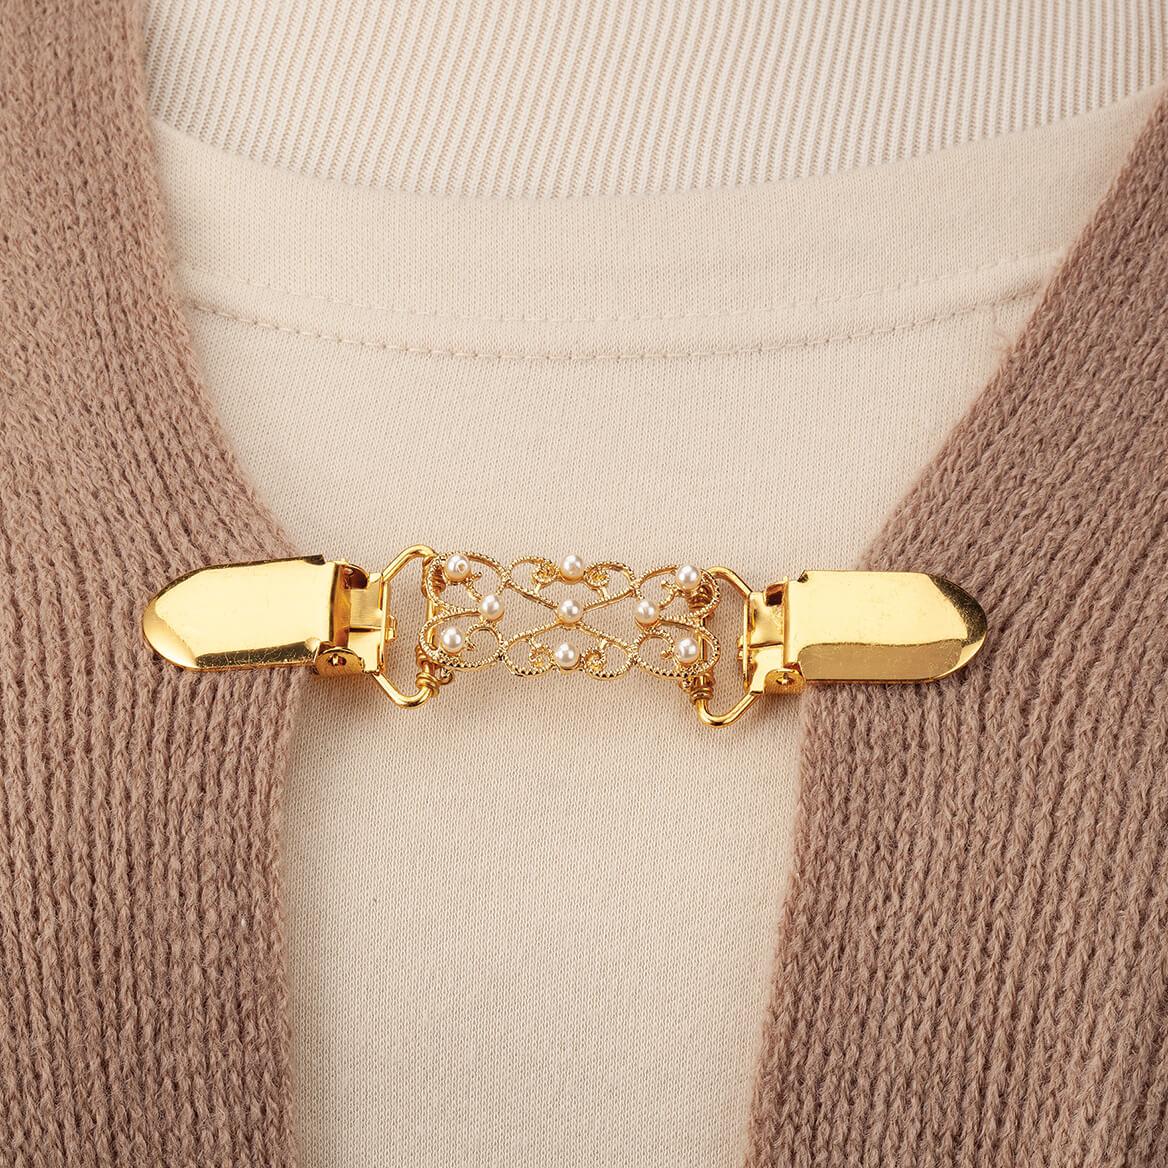 Decorative Goldtone Sweater Clasp-367731